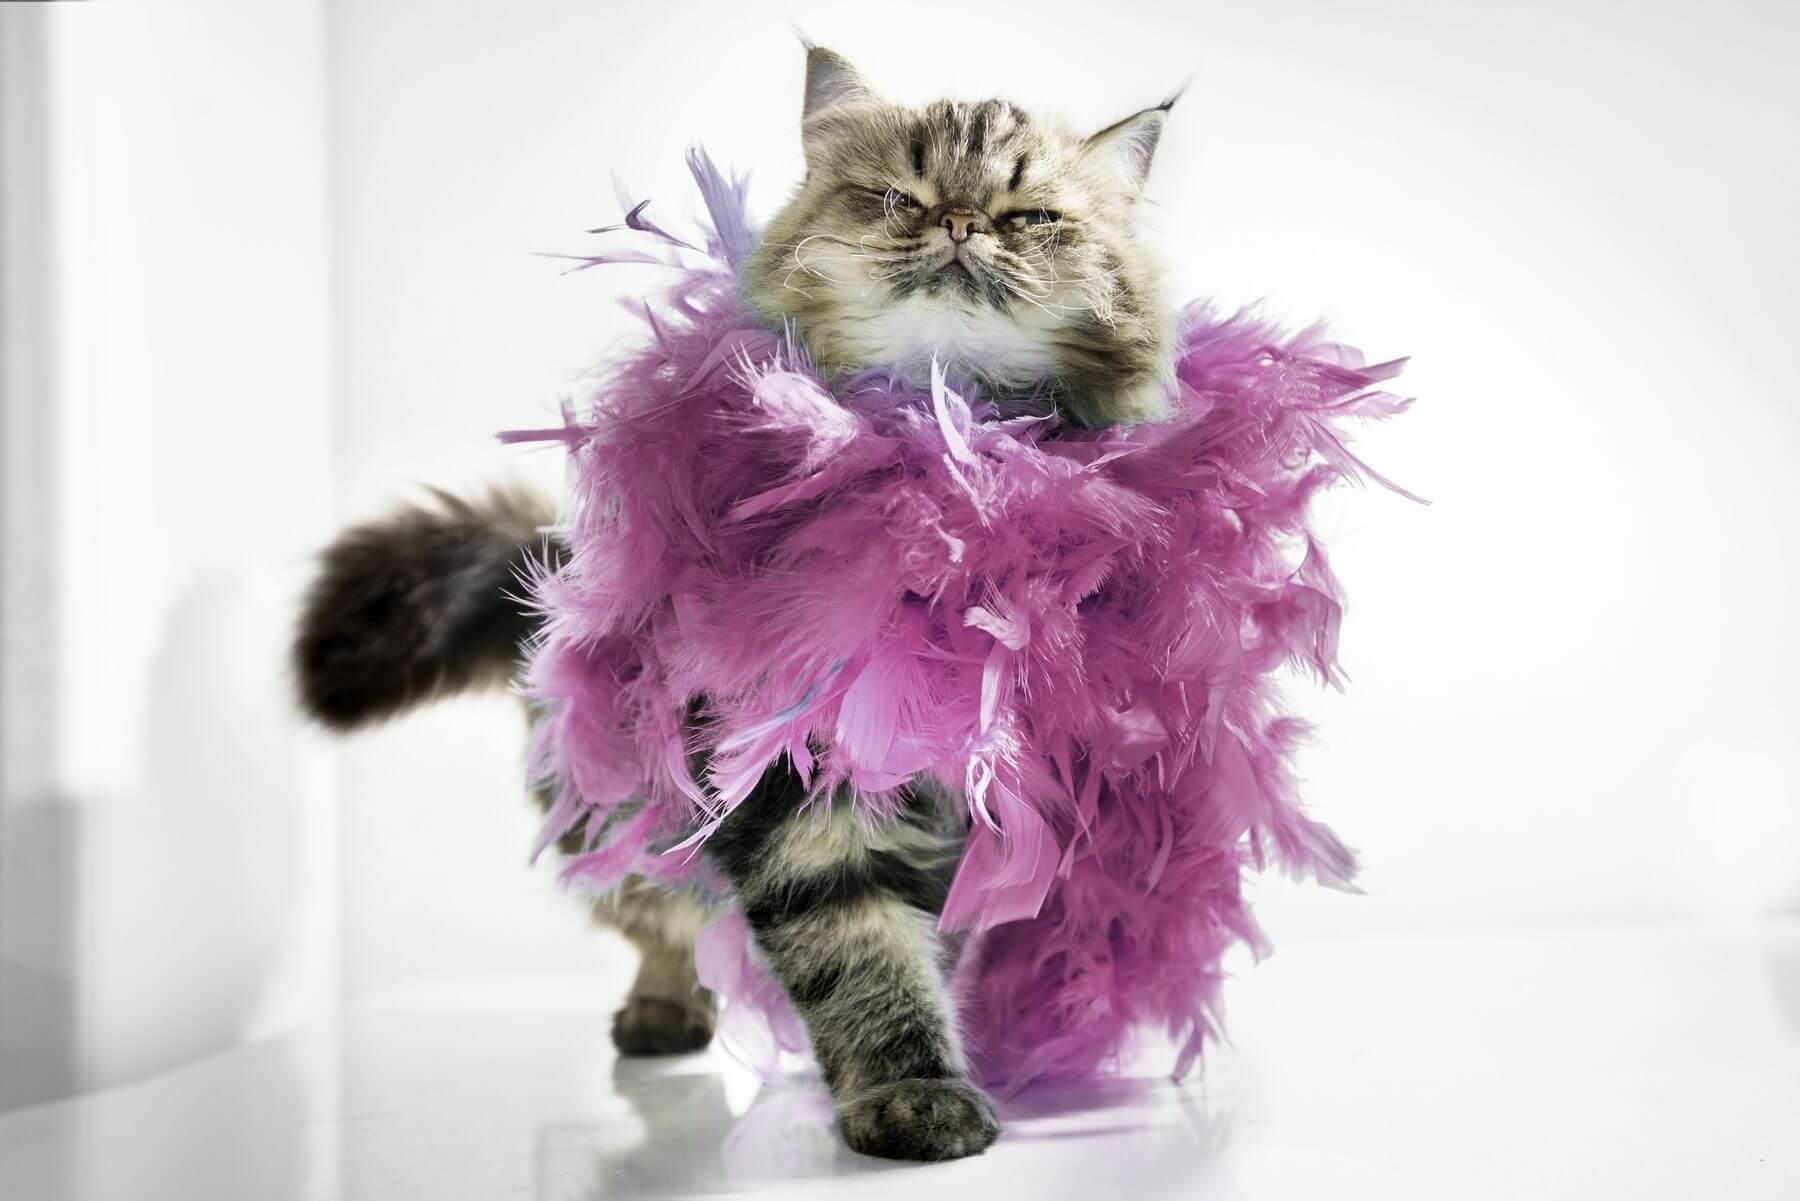 Прикольные и красивые картинки котов в одежде - сборка 7